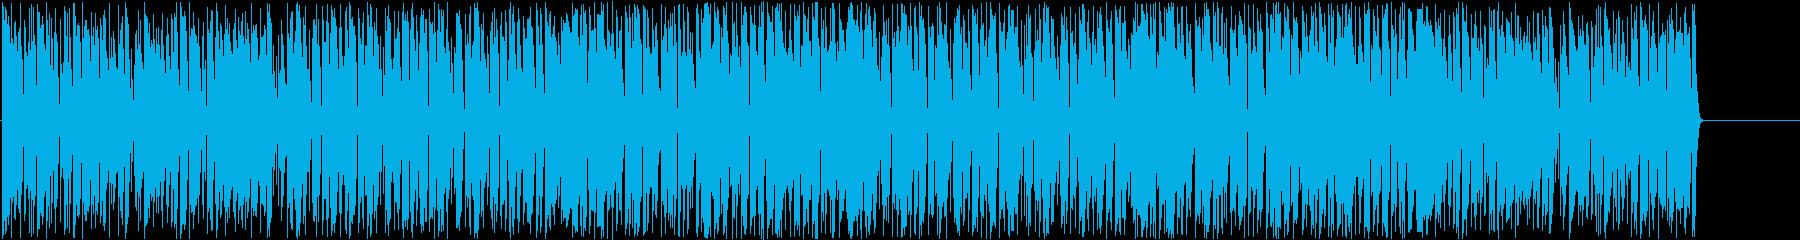 かわいい/テーマパーク/オープニングの再生済みの波形